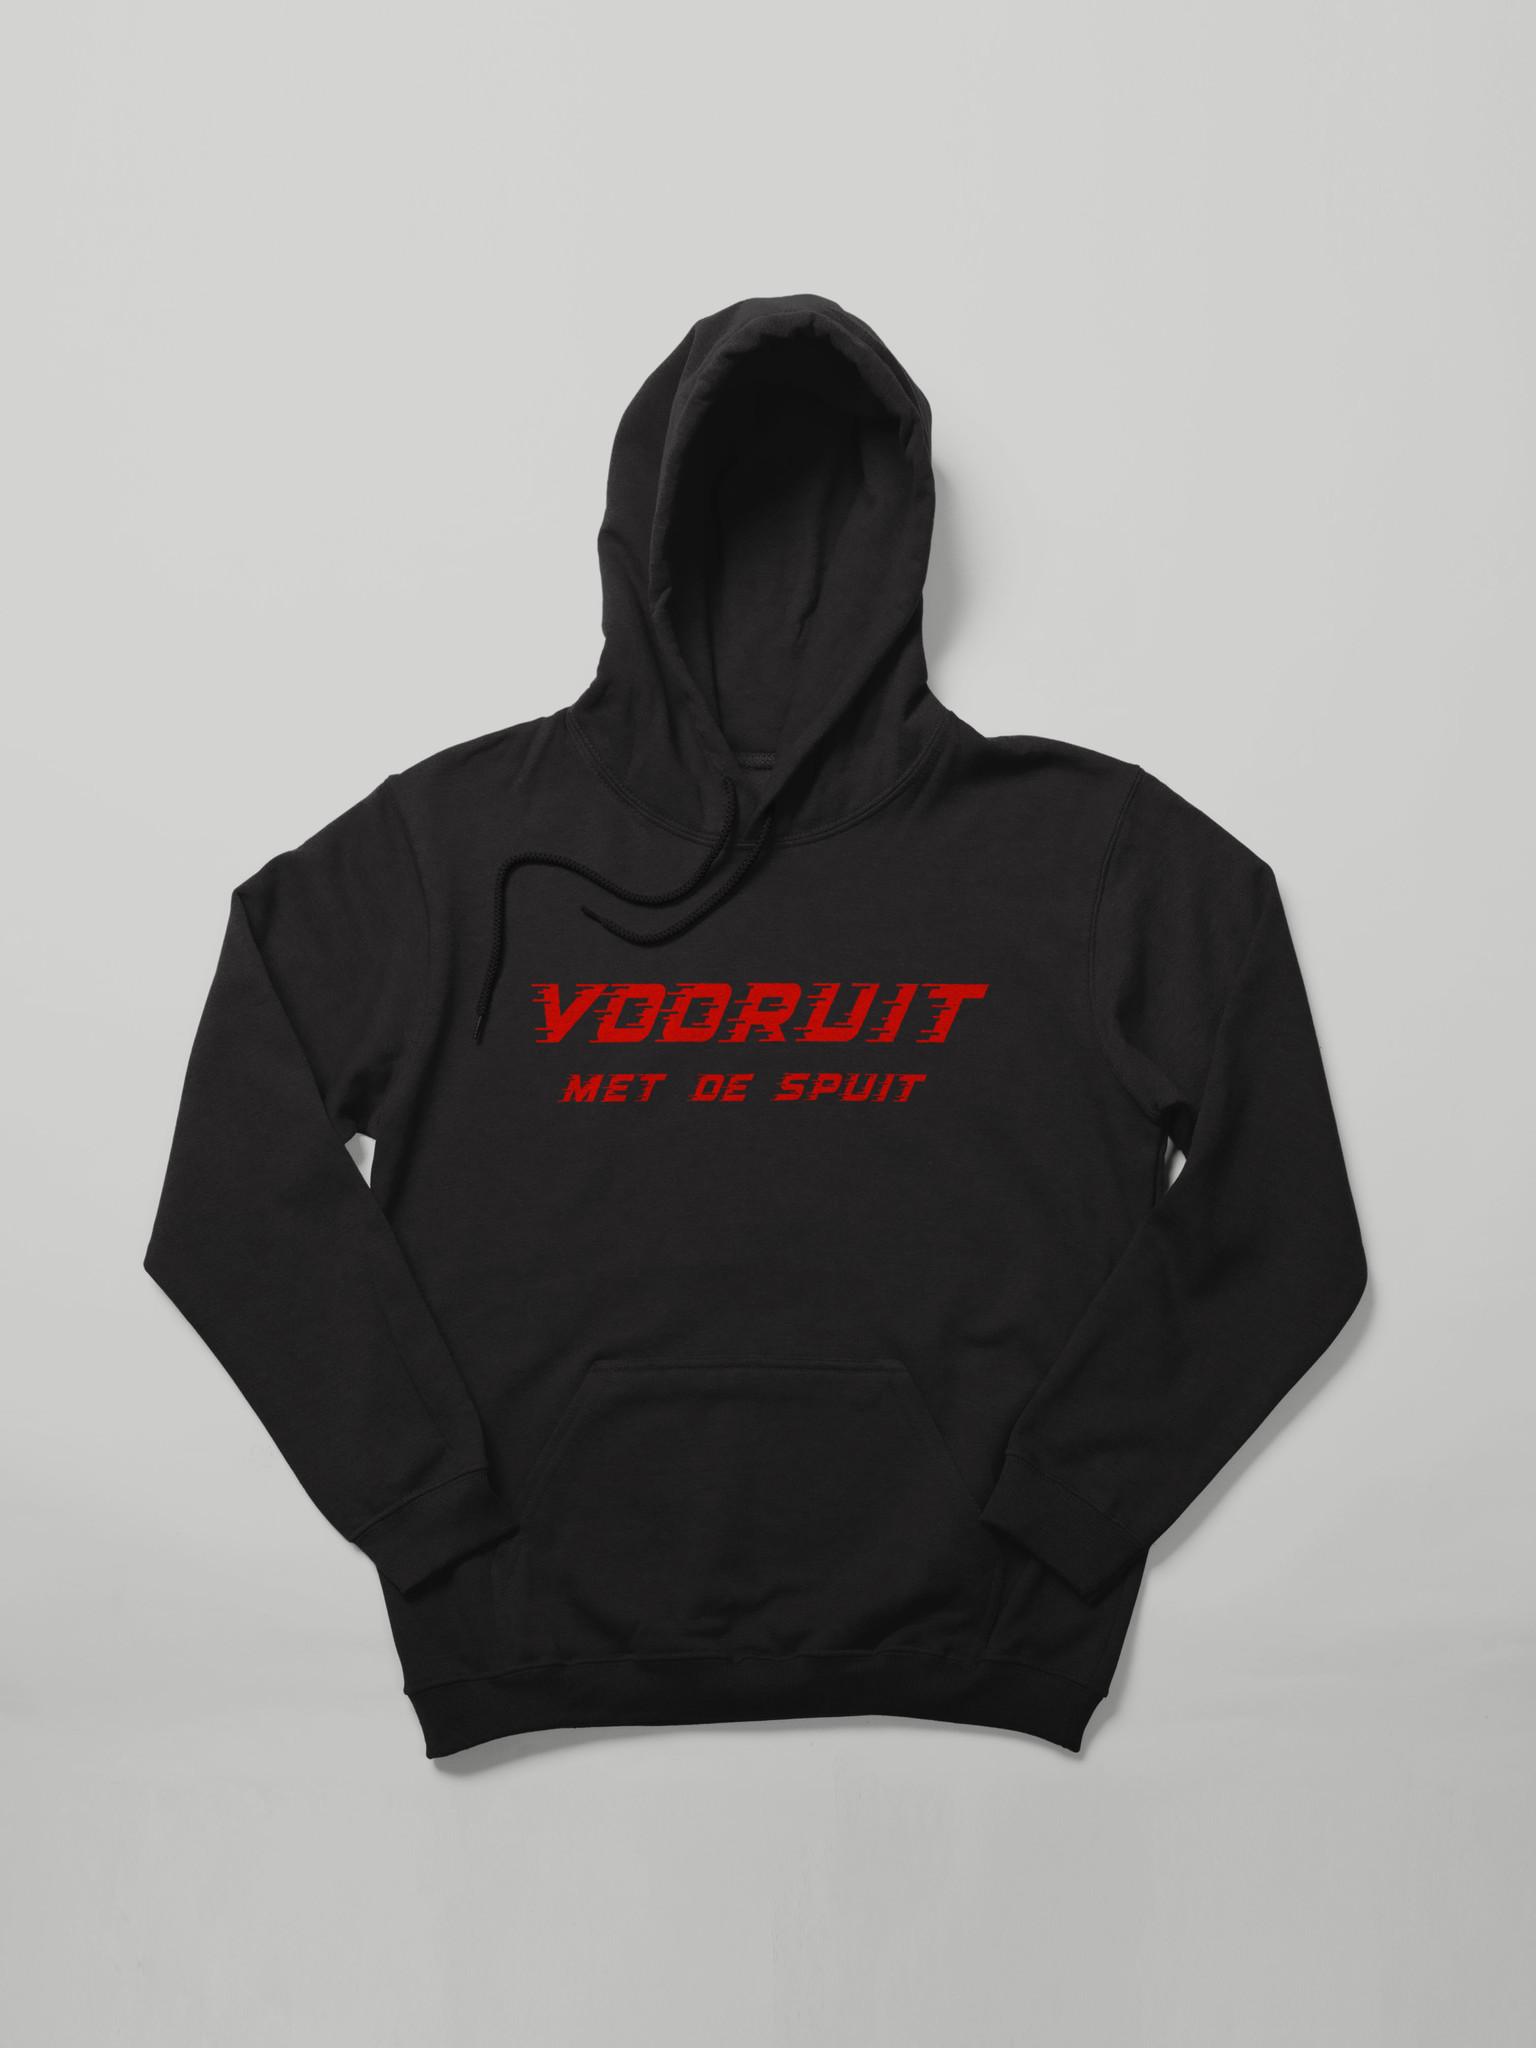 MYSHIRT VOORUIT MET  DE SPUIT HOODIE BLACK